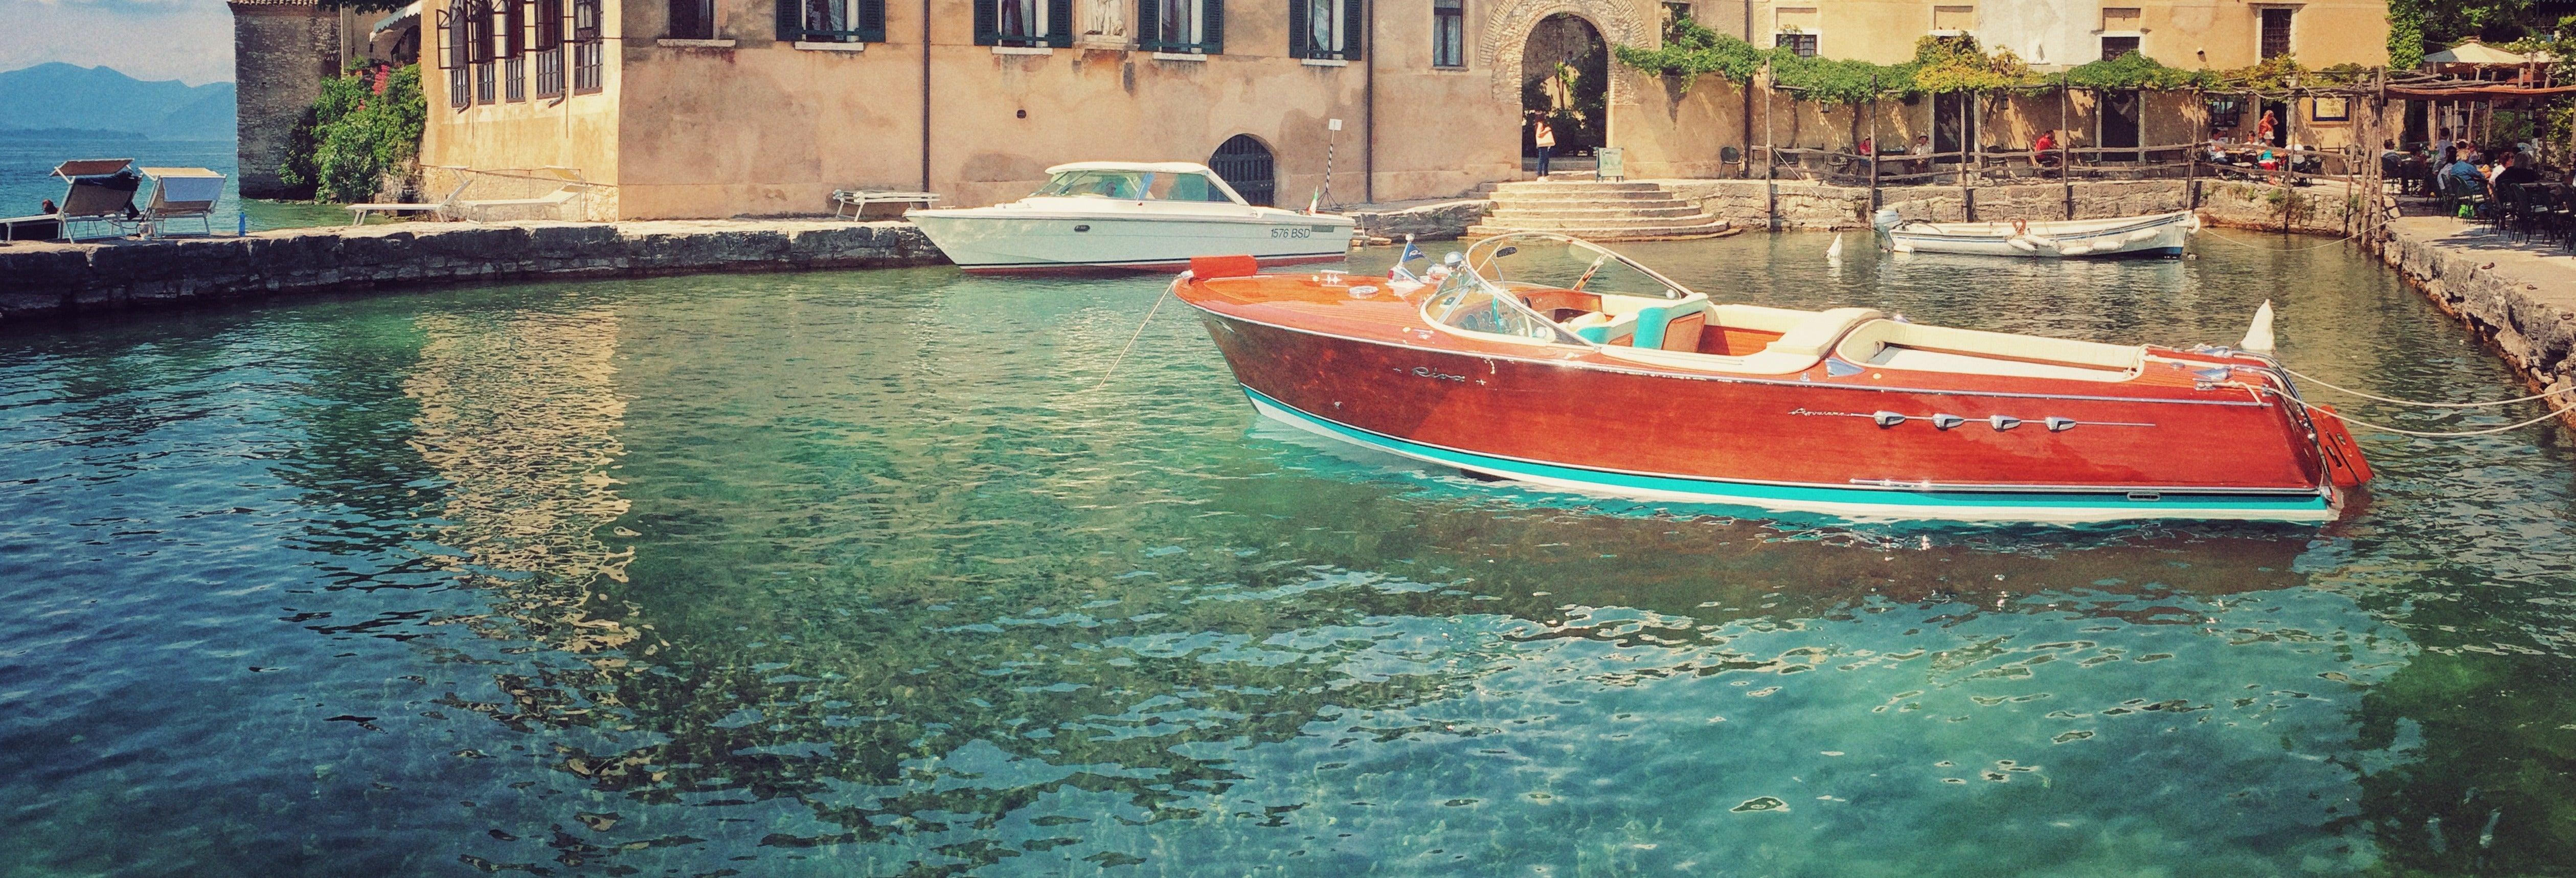 Paseo en barco privado por el lago de Garda